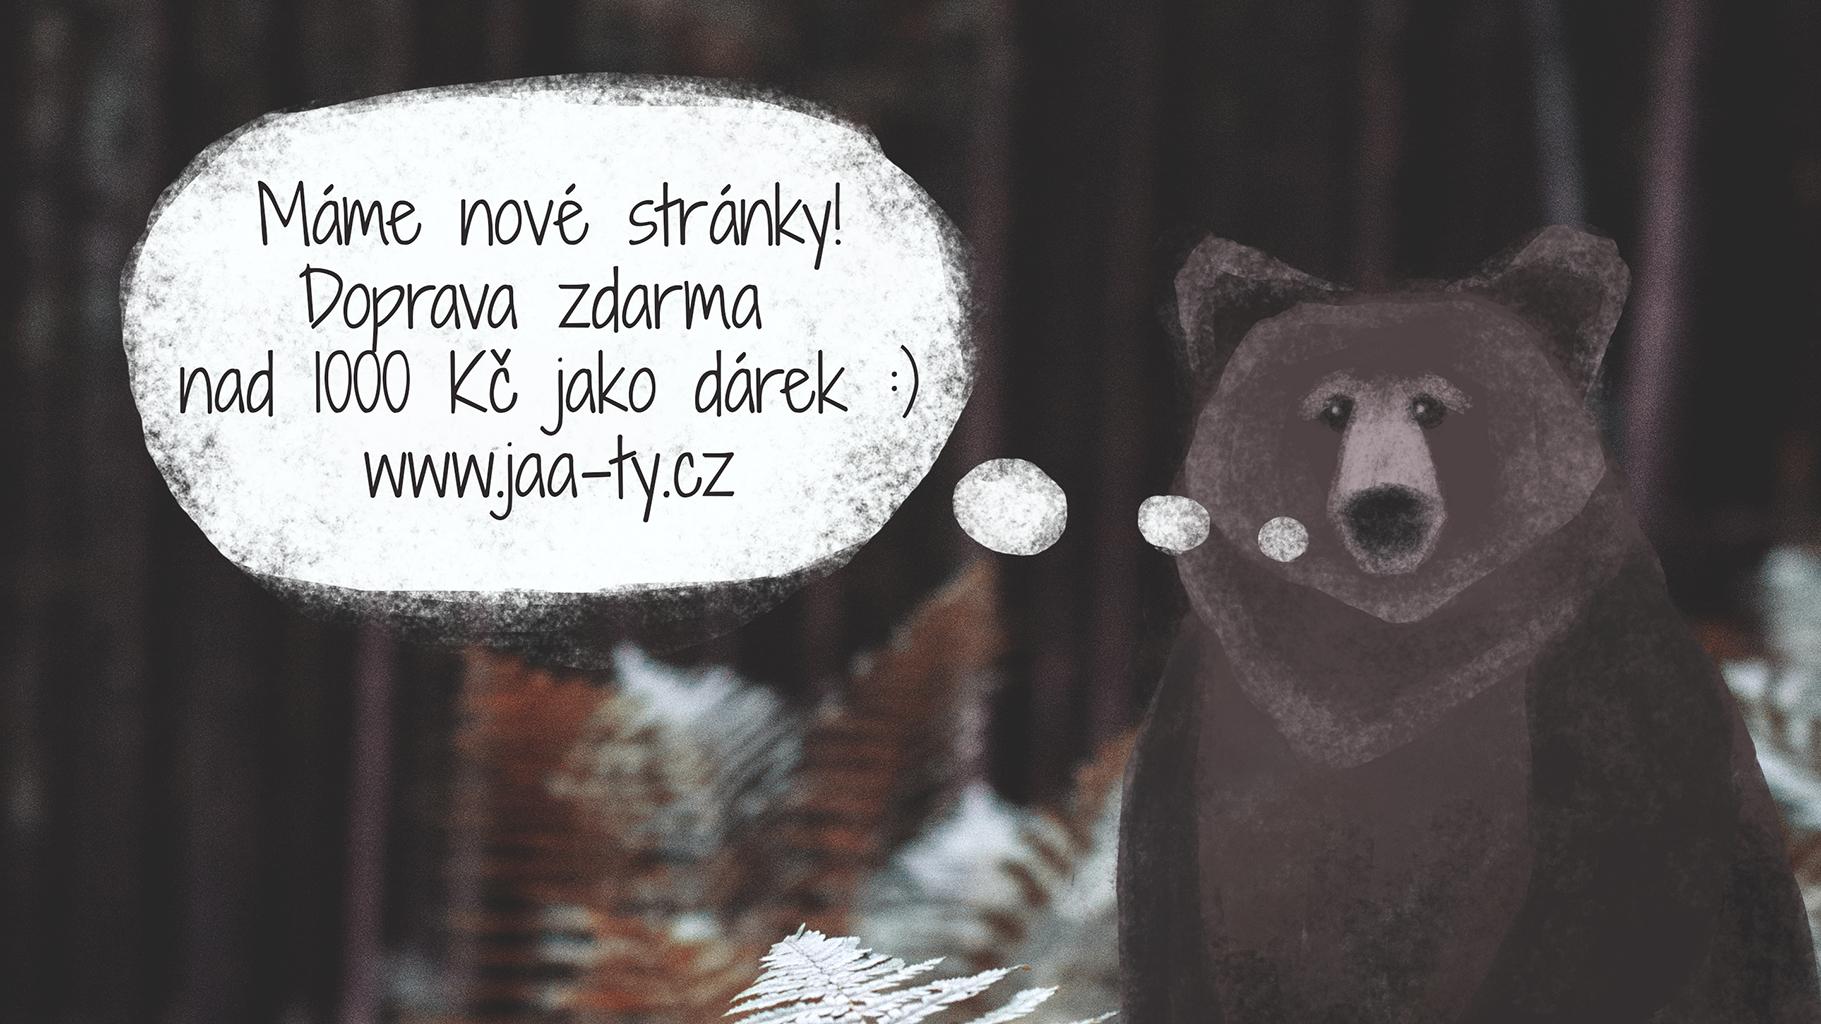 nove-stranky_doprava-zdarma